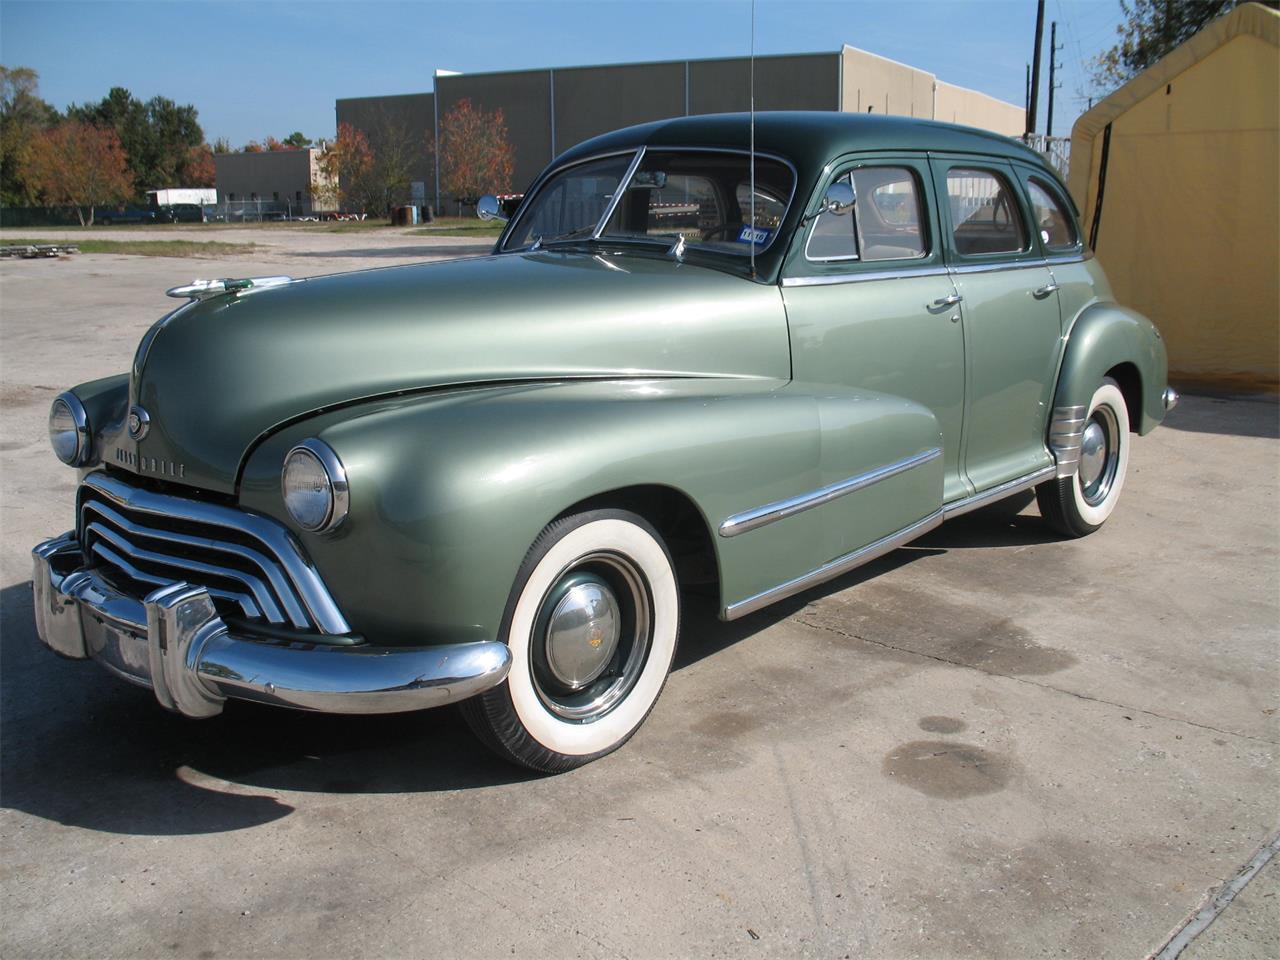 Private Car Sale In Houston Tx: 1948 Oldsmobile Sedan For Sale